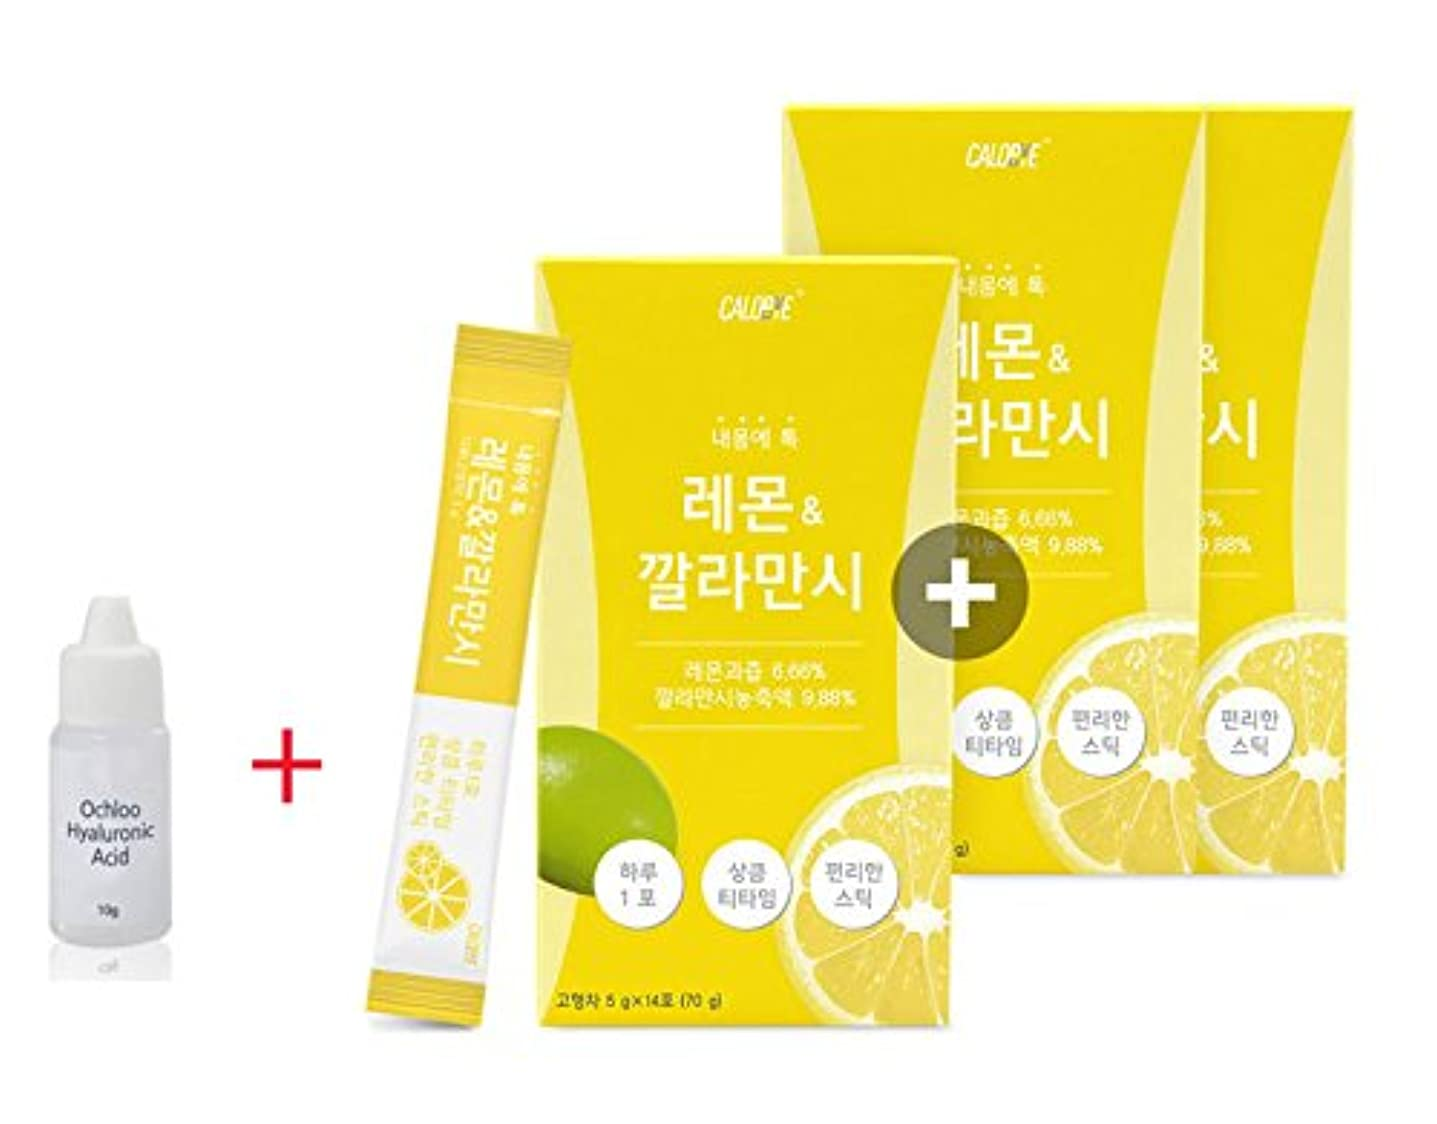 つまらない収束するオーブンCALOBYE Lemon&Calamansi Stick Type 2+1 (total 42sticks) ダイエット用/Calamansi concentrate juice/Lemon concentrate juice/weight loss/dietary juice Made in Korea + Ochloo Hyaluronic acid 10ml